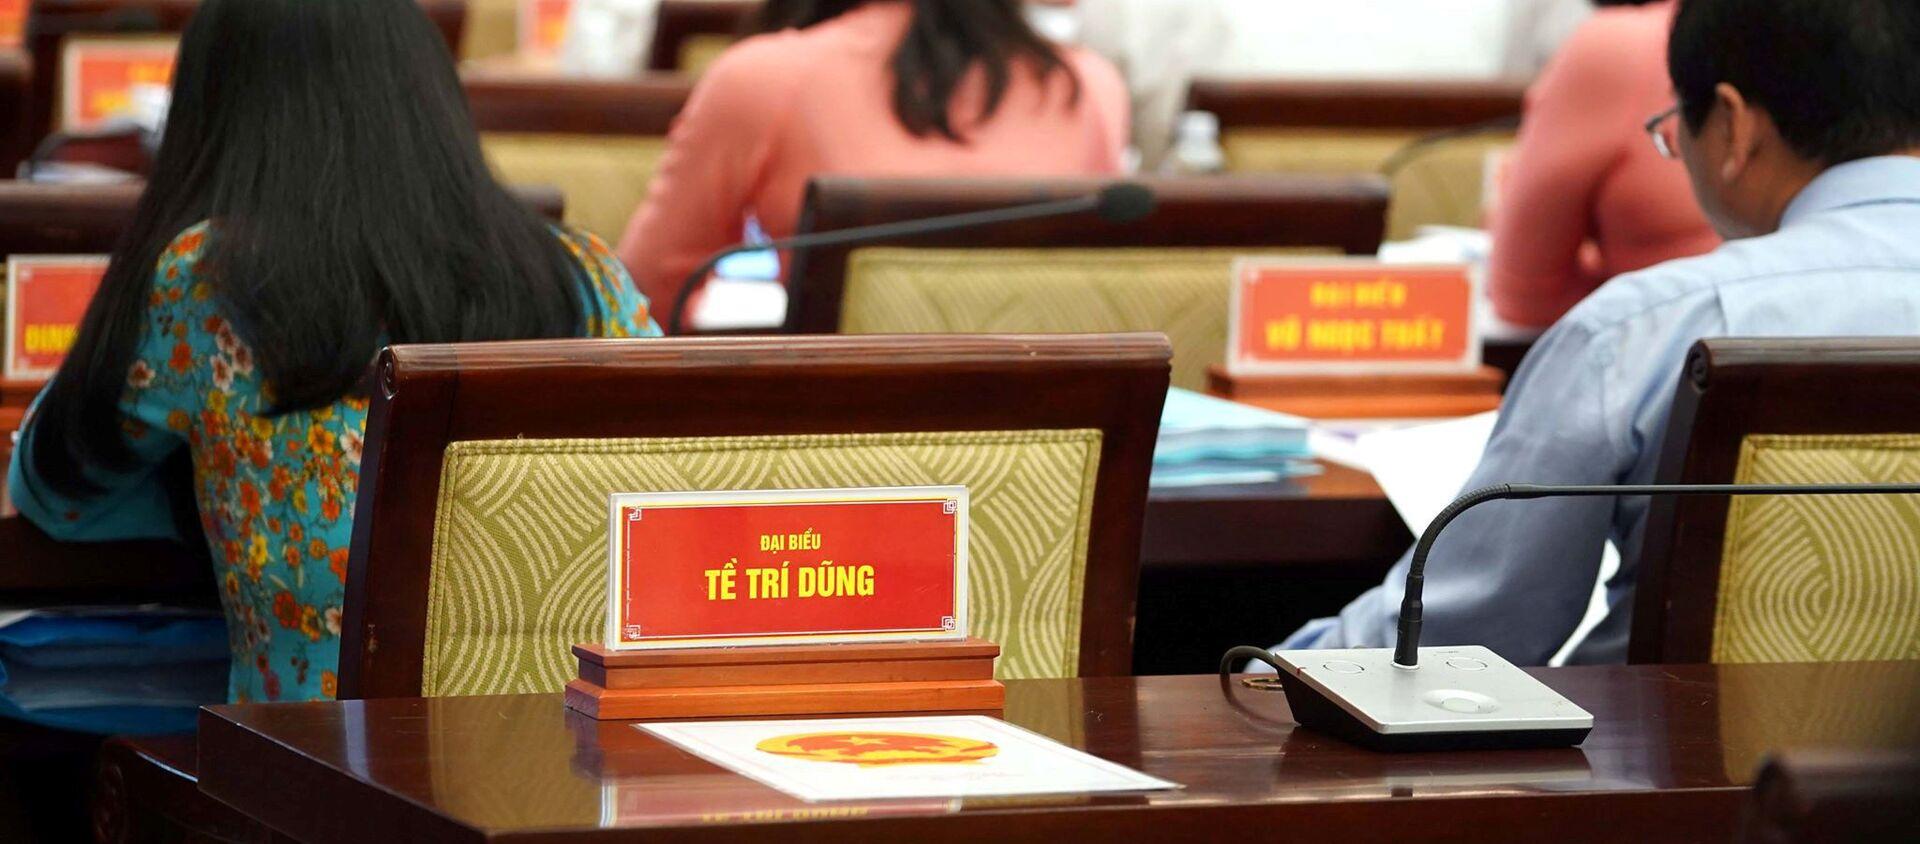 Chủ tịch HĐND TP.HCM Nguyễn Thị Lệ cho biết trong những phiên họp HĐND TP.HCM gần đây, ông Tề Trí Dũng đều không tham gia. Ông này từng tham gia chương trình đào tạo 300 thạc sĩ - tiến sĩ của TP.HCM - Sputnik Việt Nam, 1920, 22.05.2019